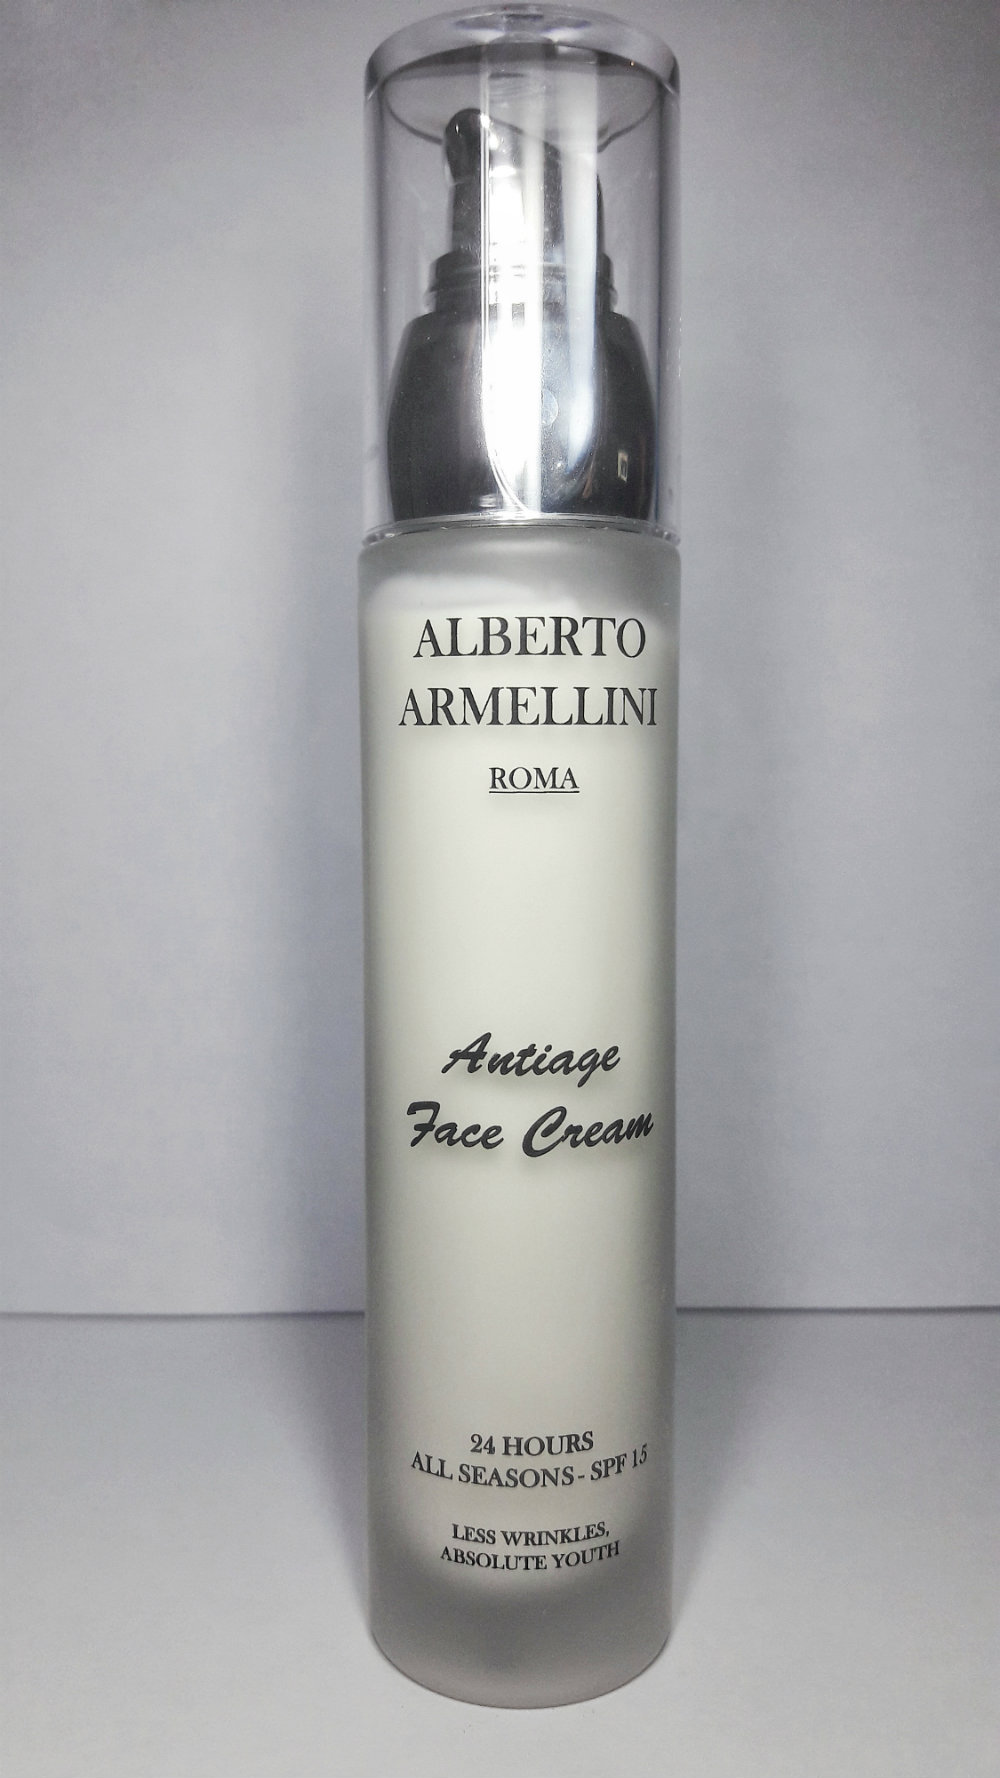 antiage face cream